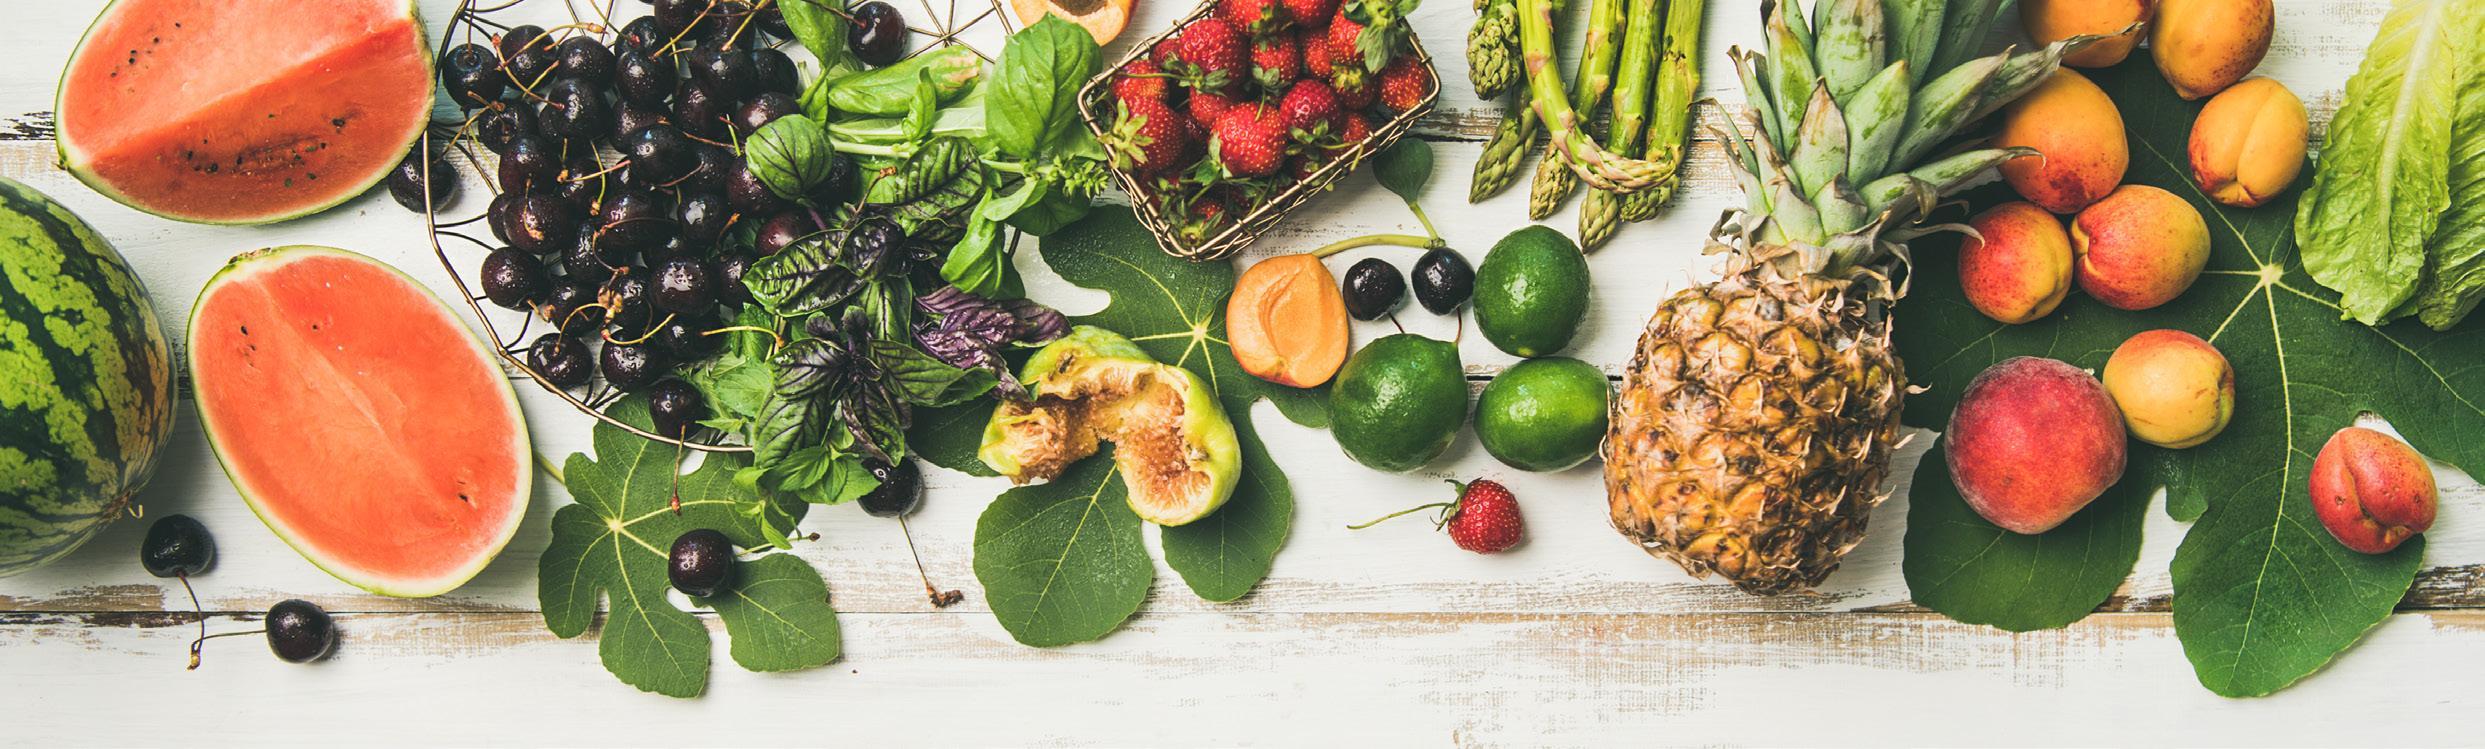 Page 27 of Frutas y vegetales que te ayudarán a mantenerte hidratado